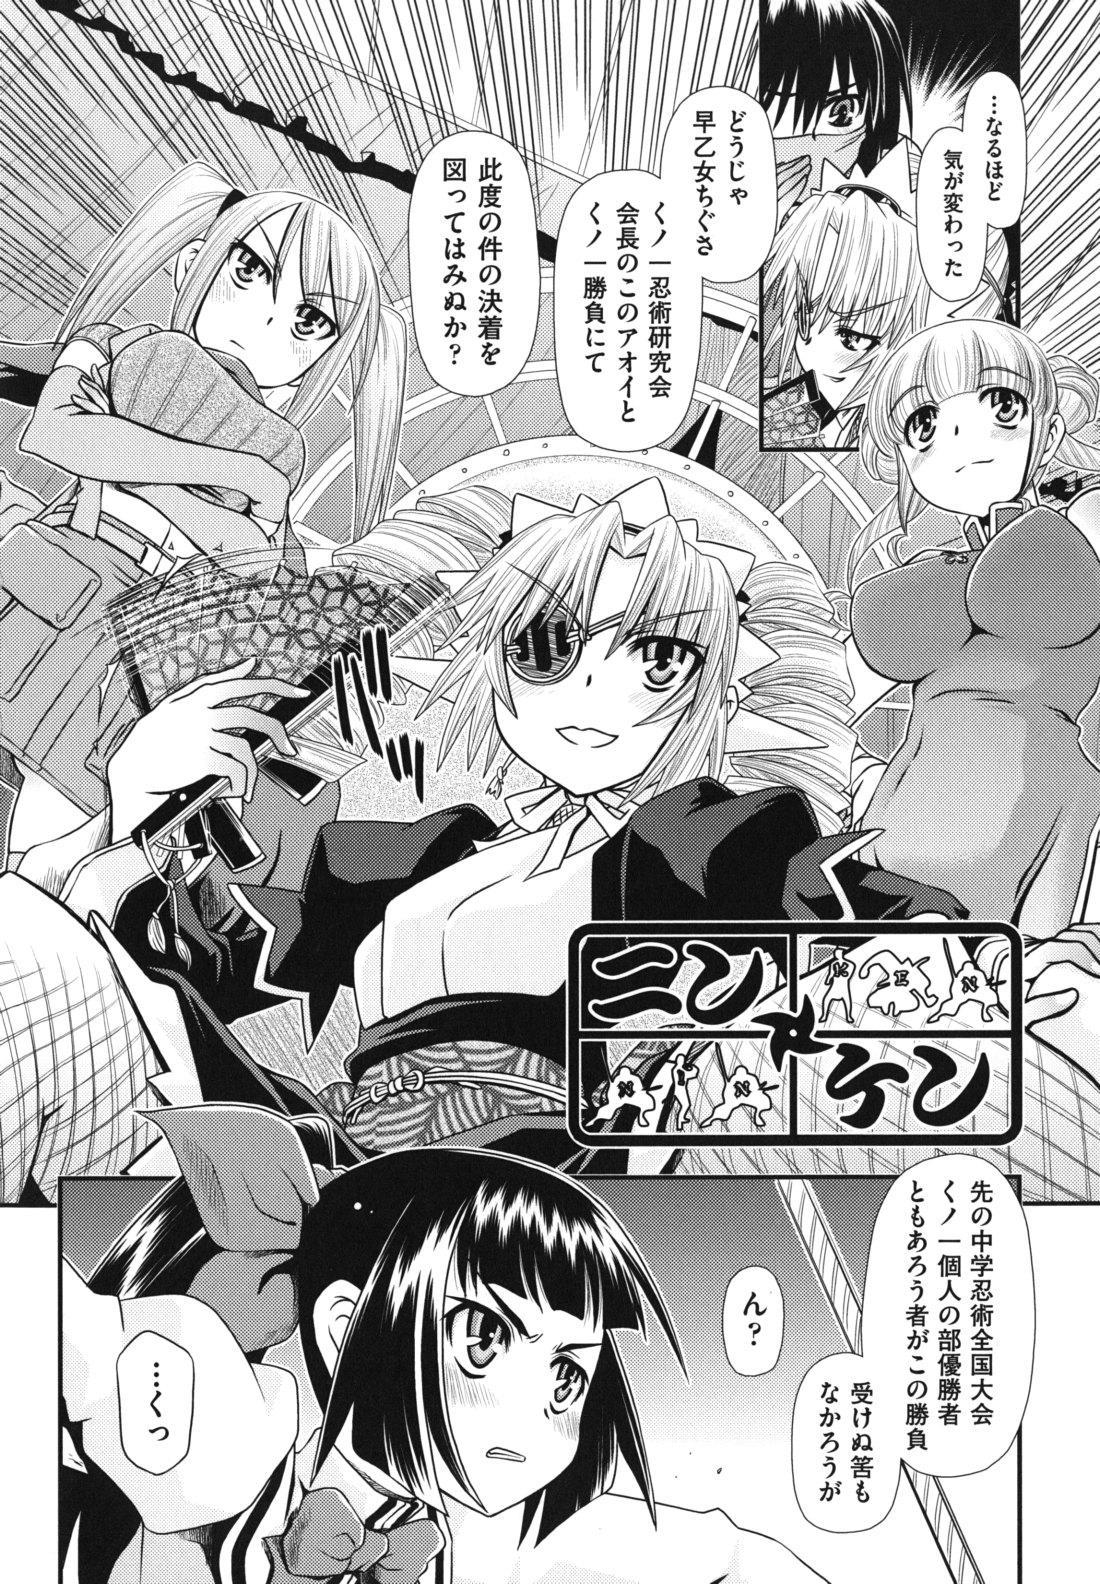 Twintail de Kneesocks no Onnanoko tachi ga Kyakkya de Ufufu♥ 54